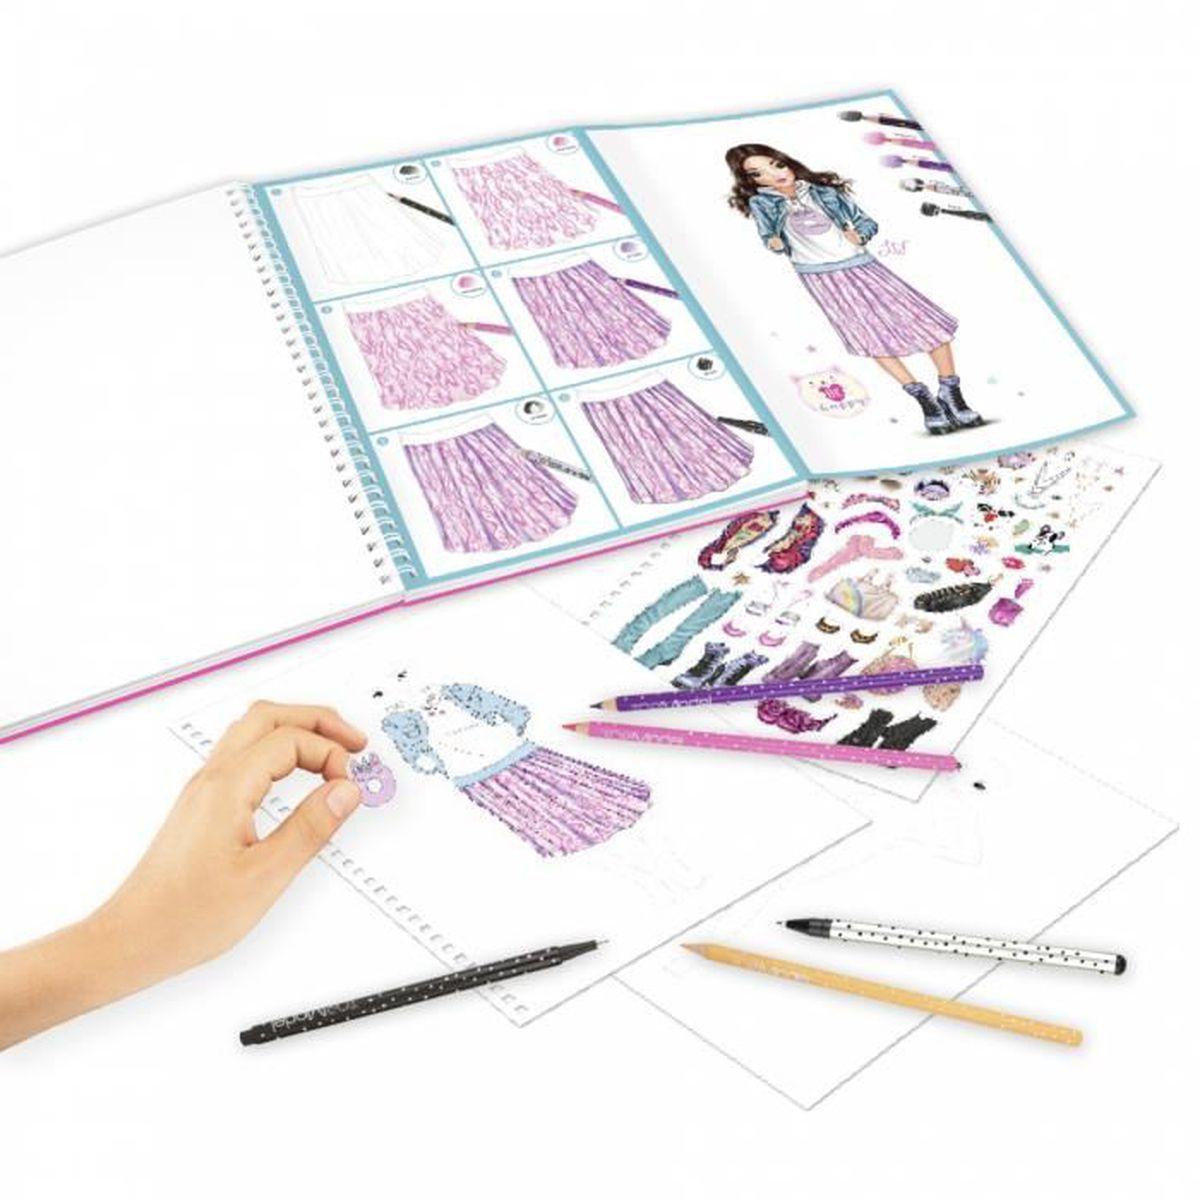 Album Coloriage Et Creation Topmodel Set Crayons Feutre Stylos Achat Vente Livre De Coloriage Cdiscount